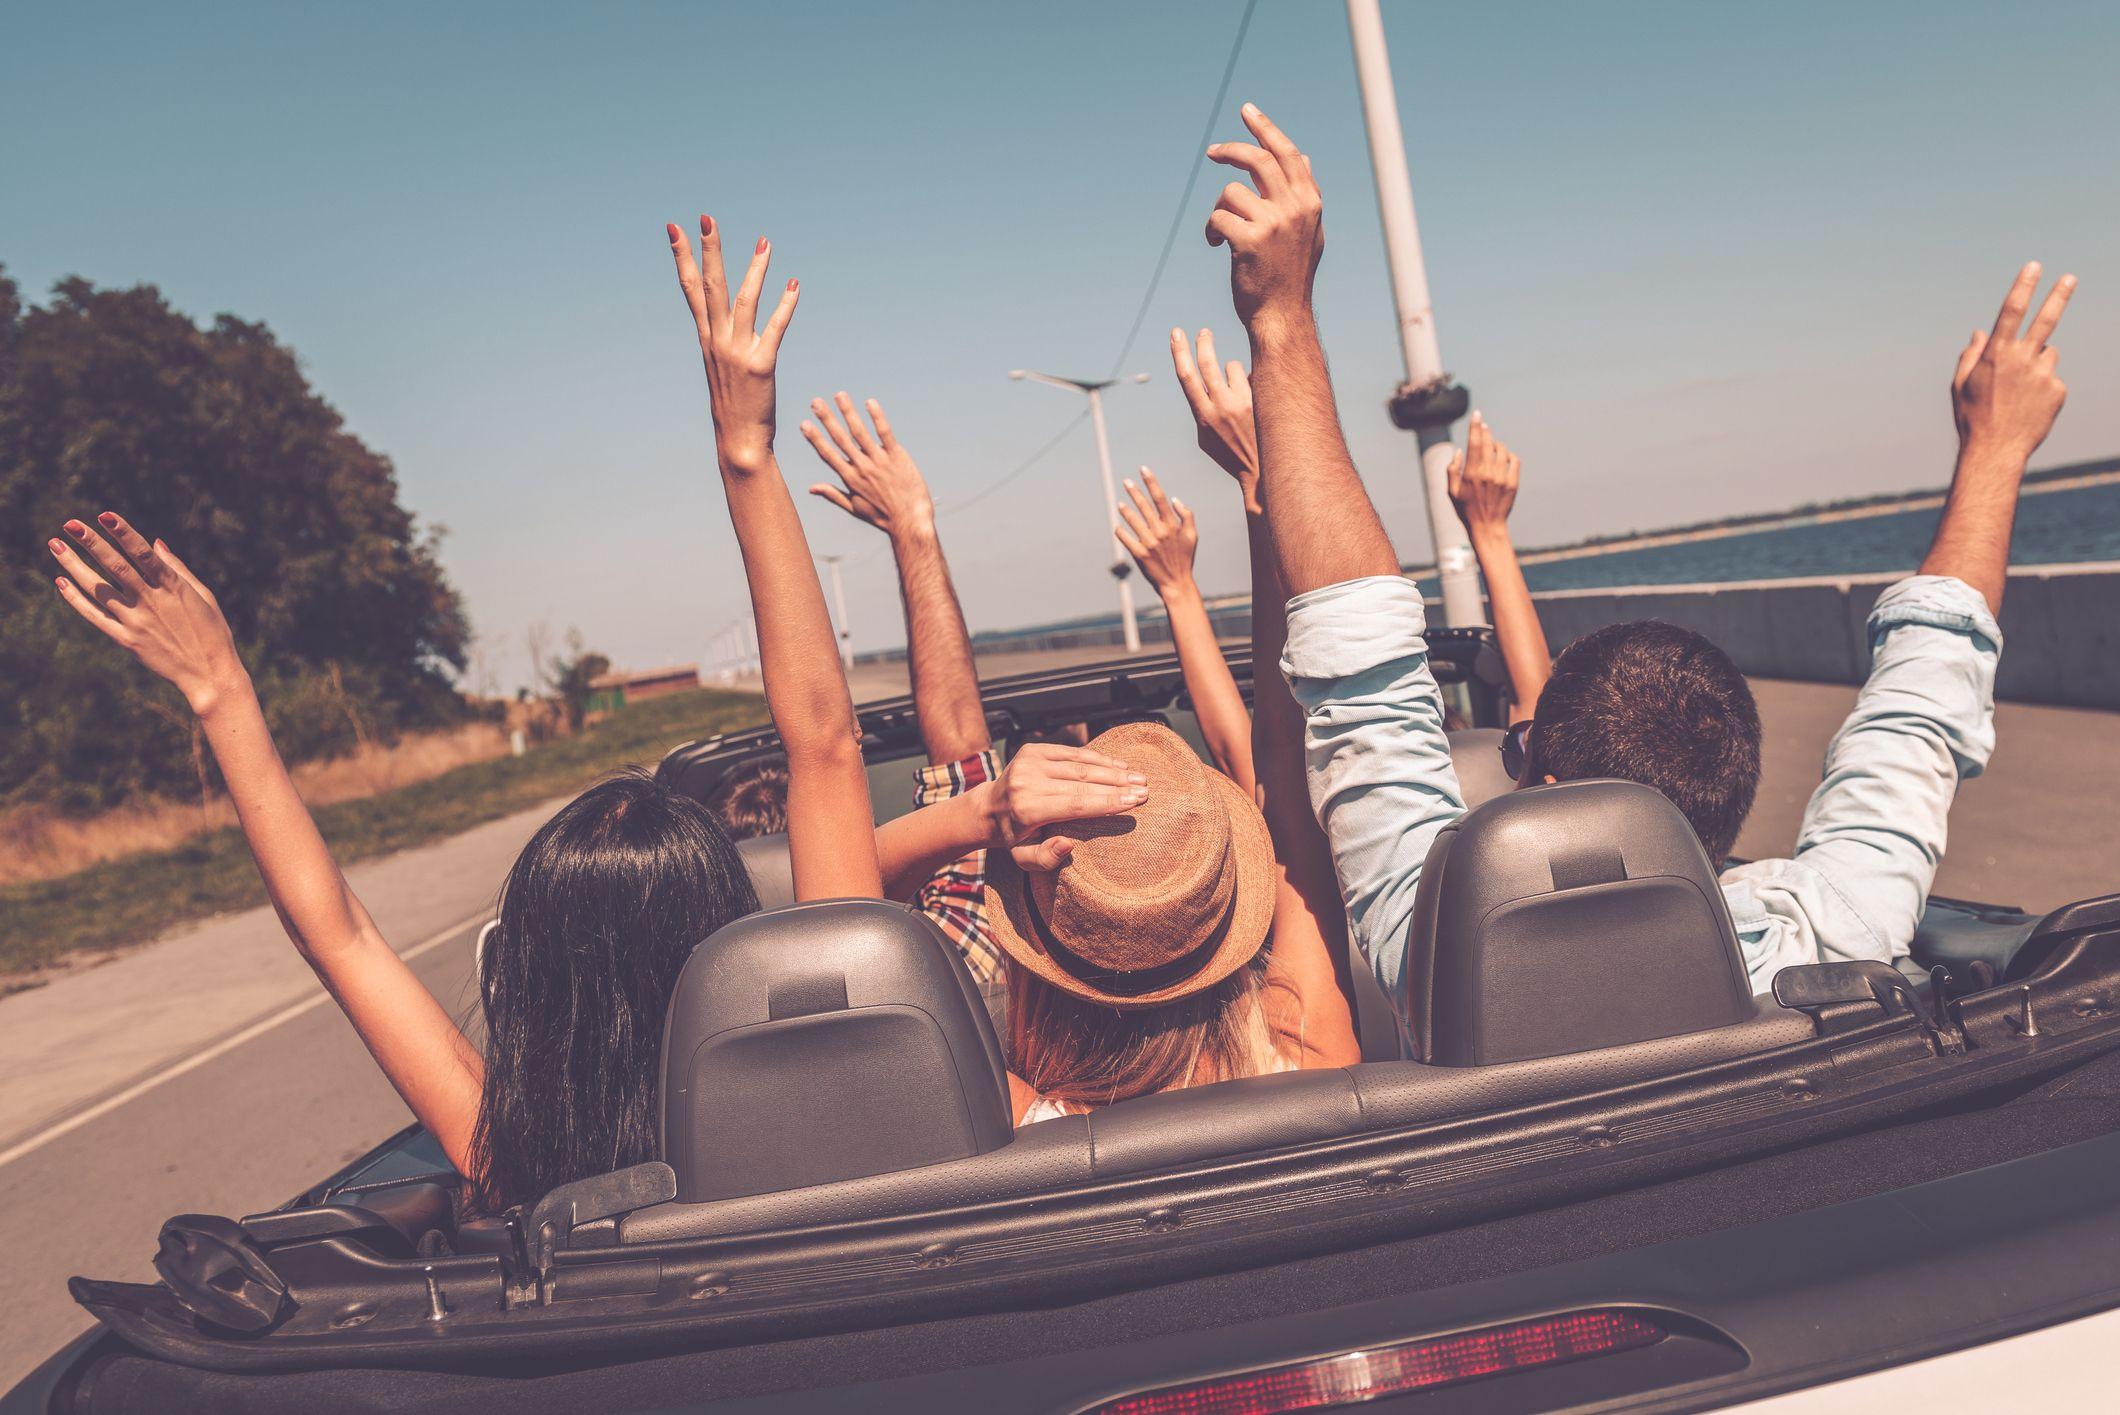 картинки с путешествиями для карты желаний социальный